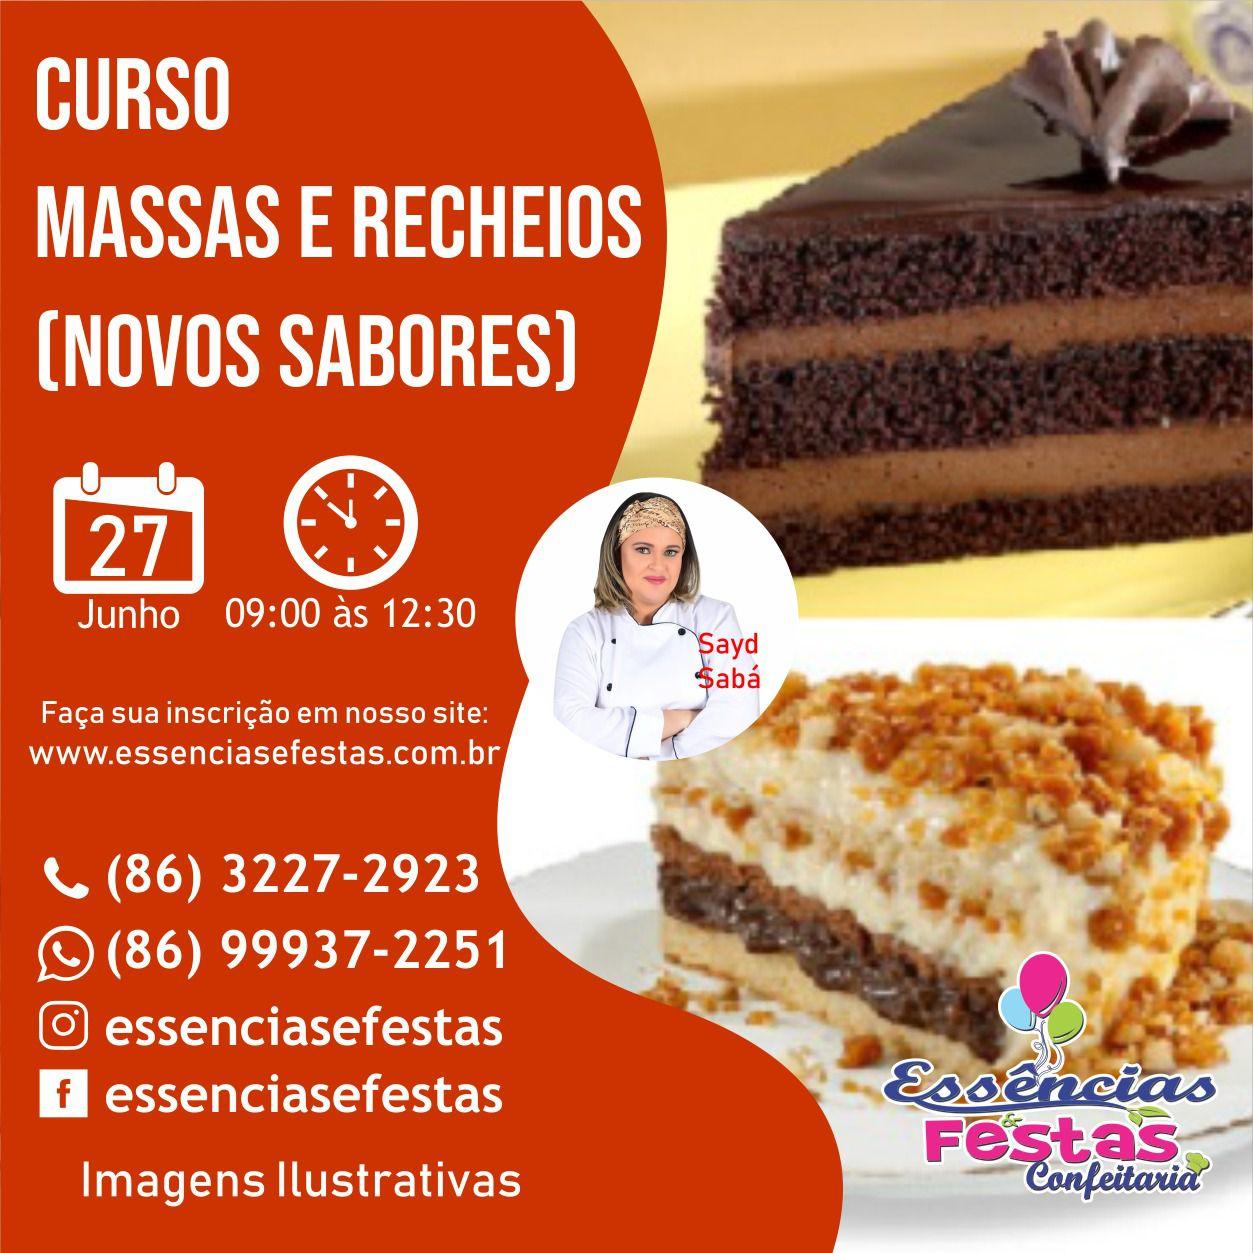 27/06- Curso de massas e recheios (novos sabores), com Sayd Sabá das 9h às  12:30h